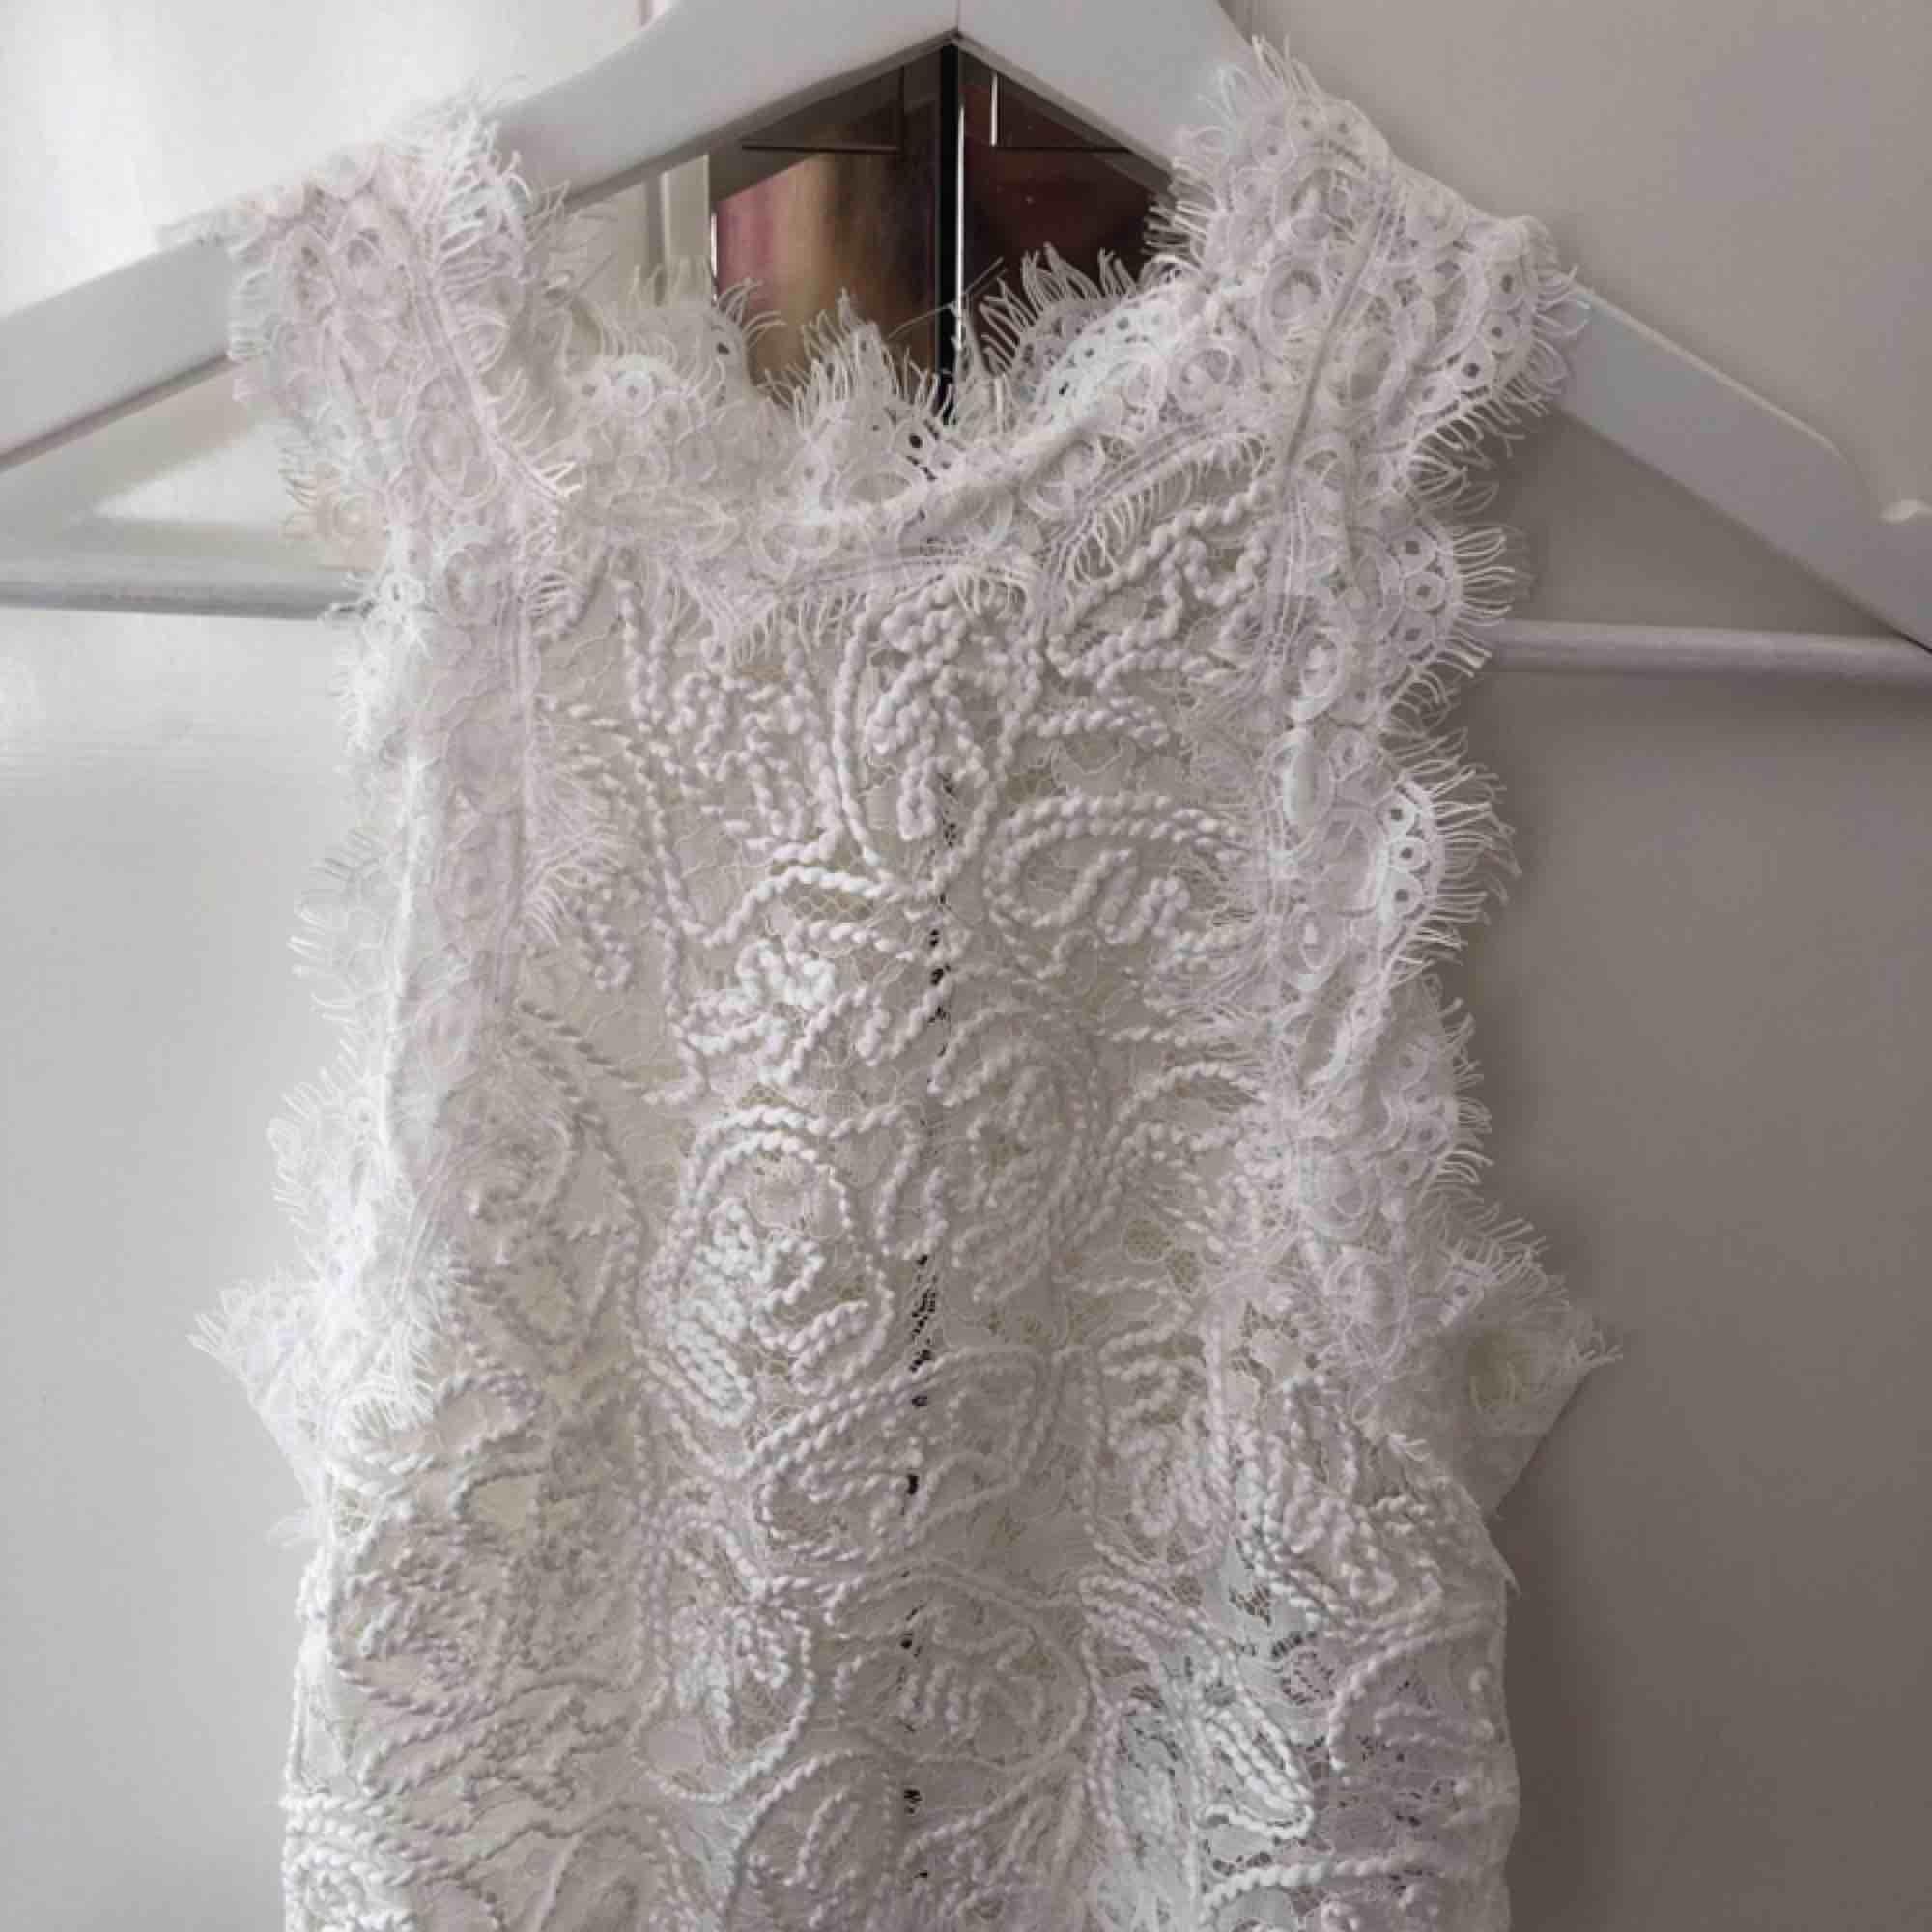 Vitt spets linne från Zara i storlek s, dragkedja där bak, väl använt men i fint skick, inga skador eller så. Toppar.